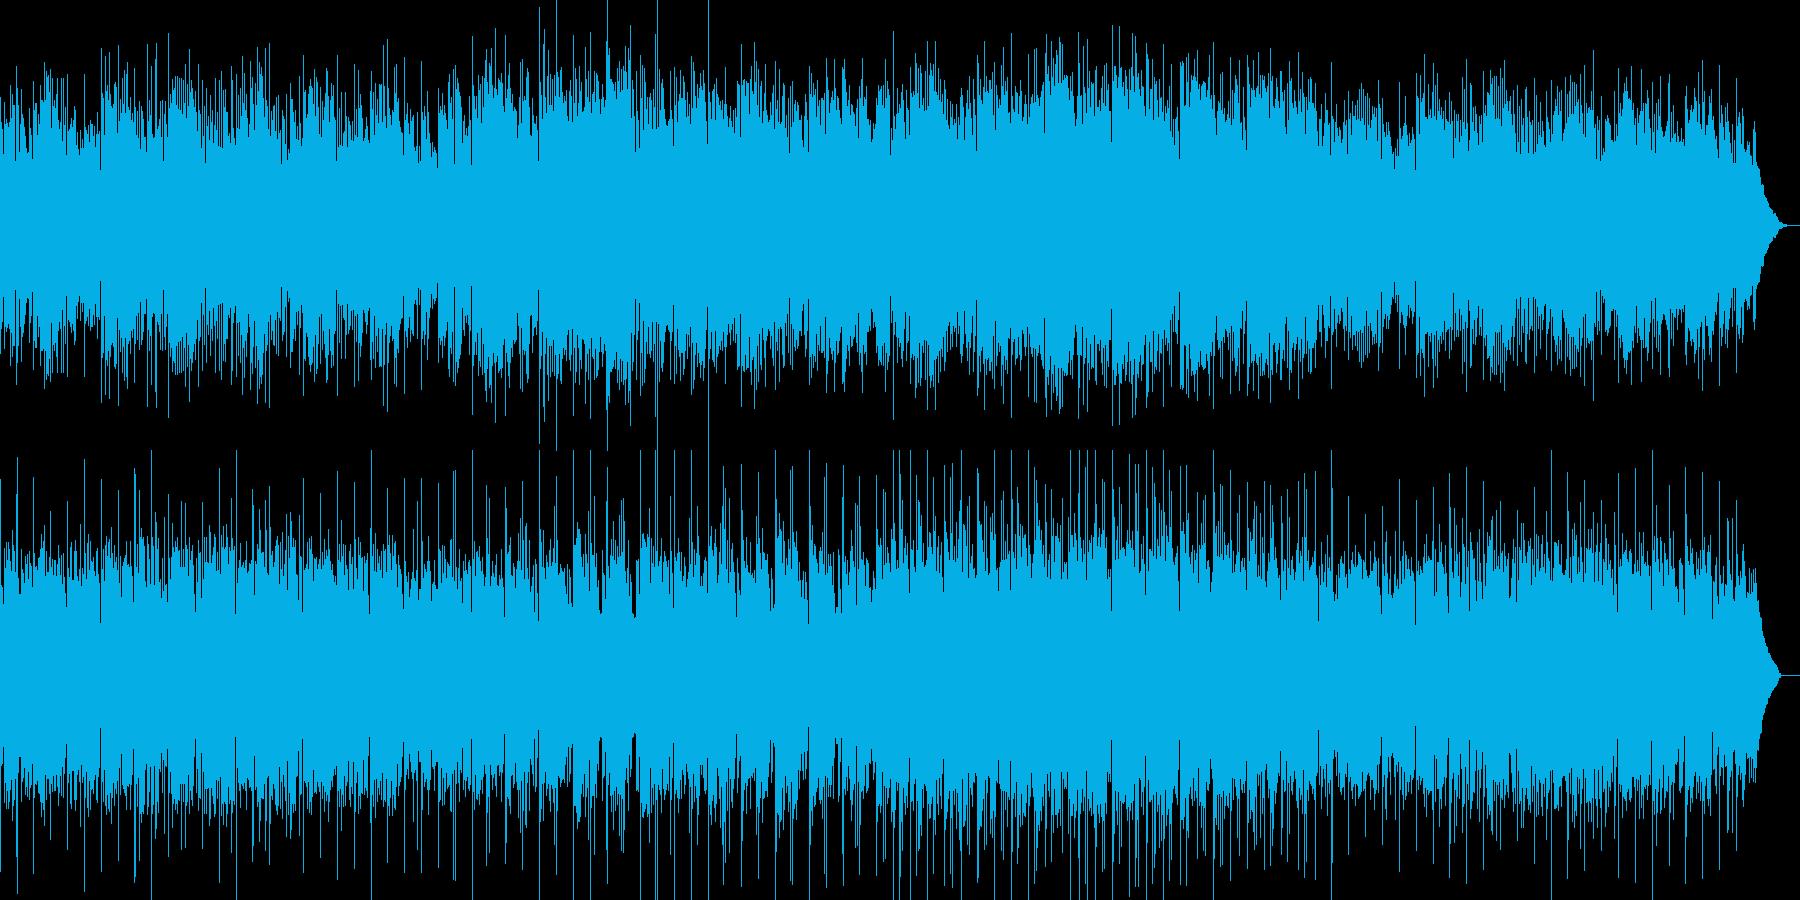 川の流れをイメージしたヒーリング音楽の再生済みの波形